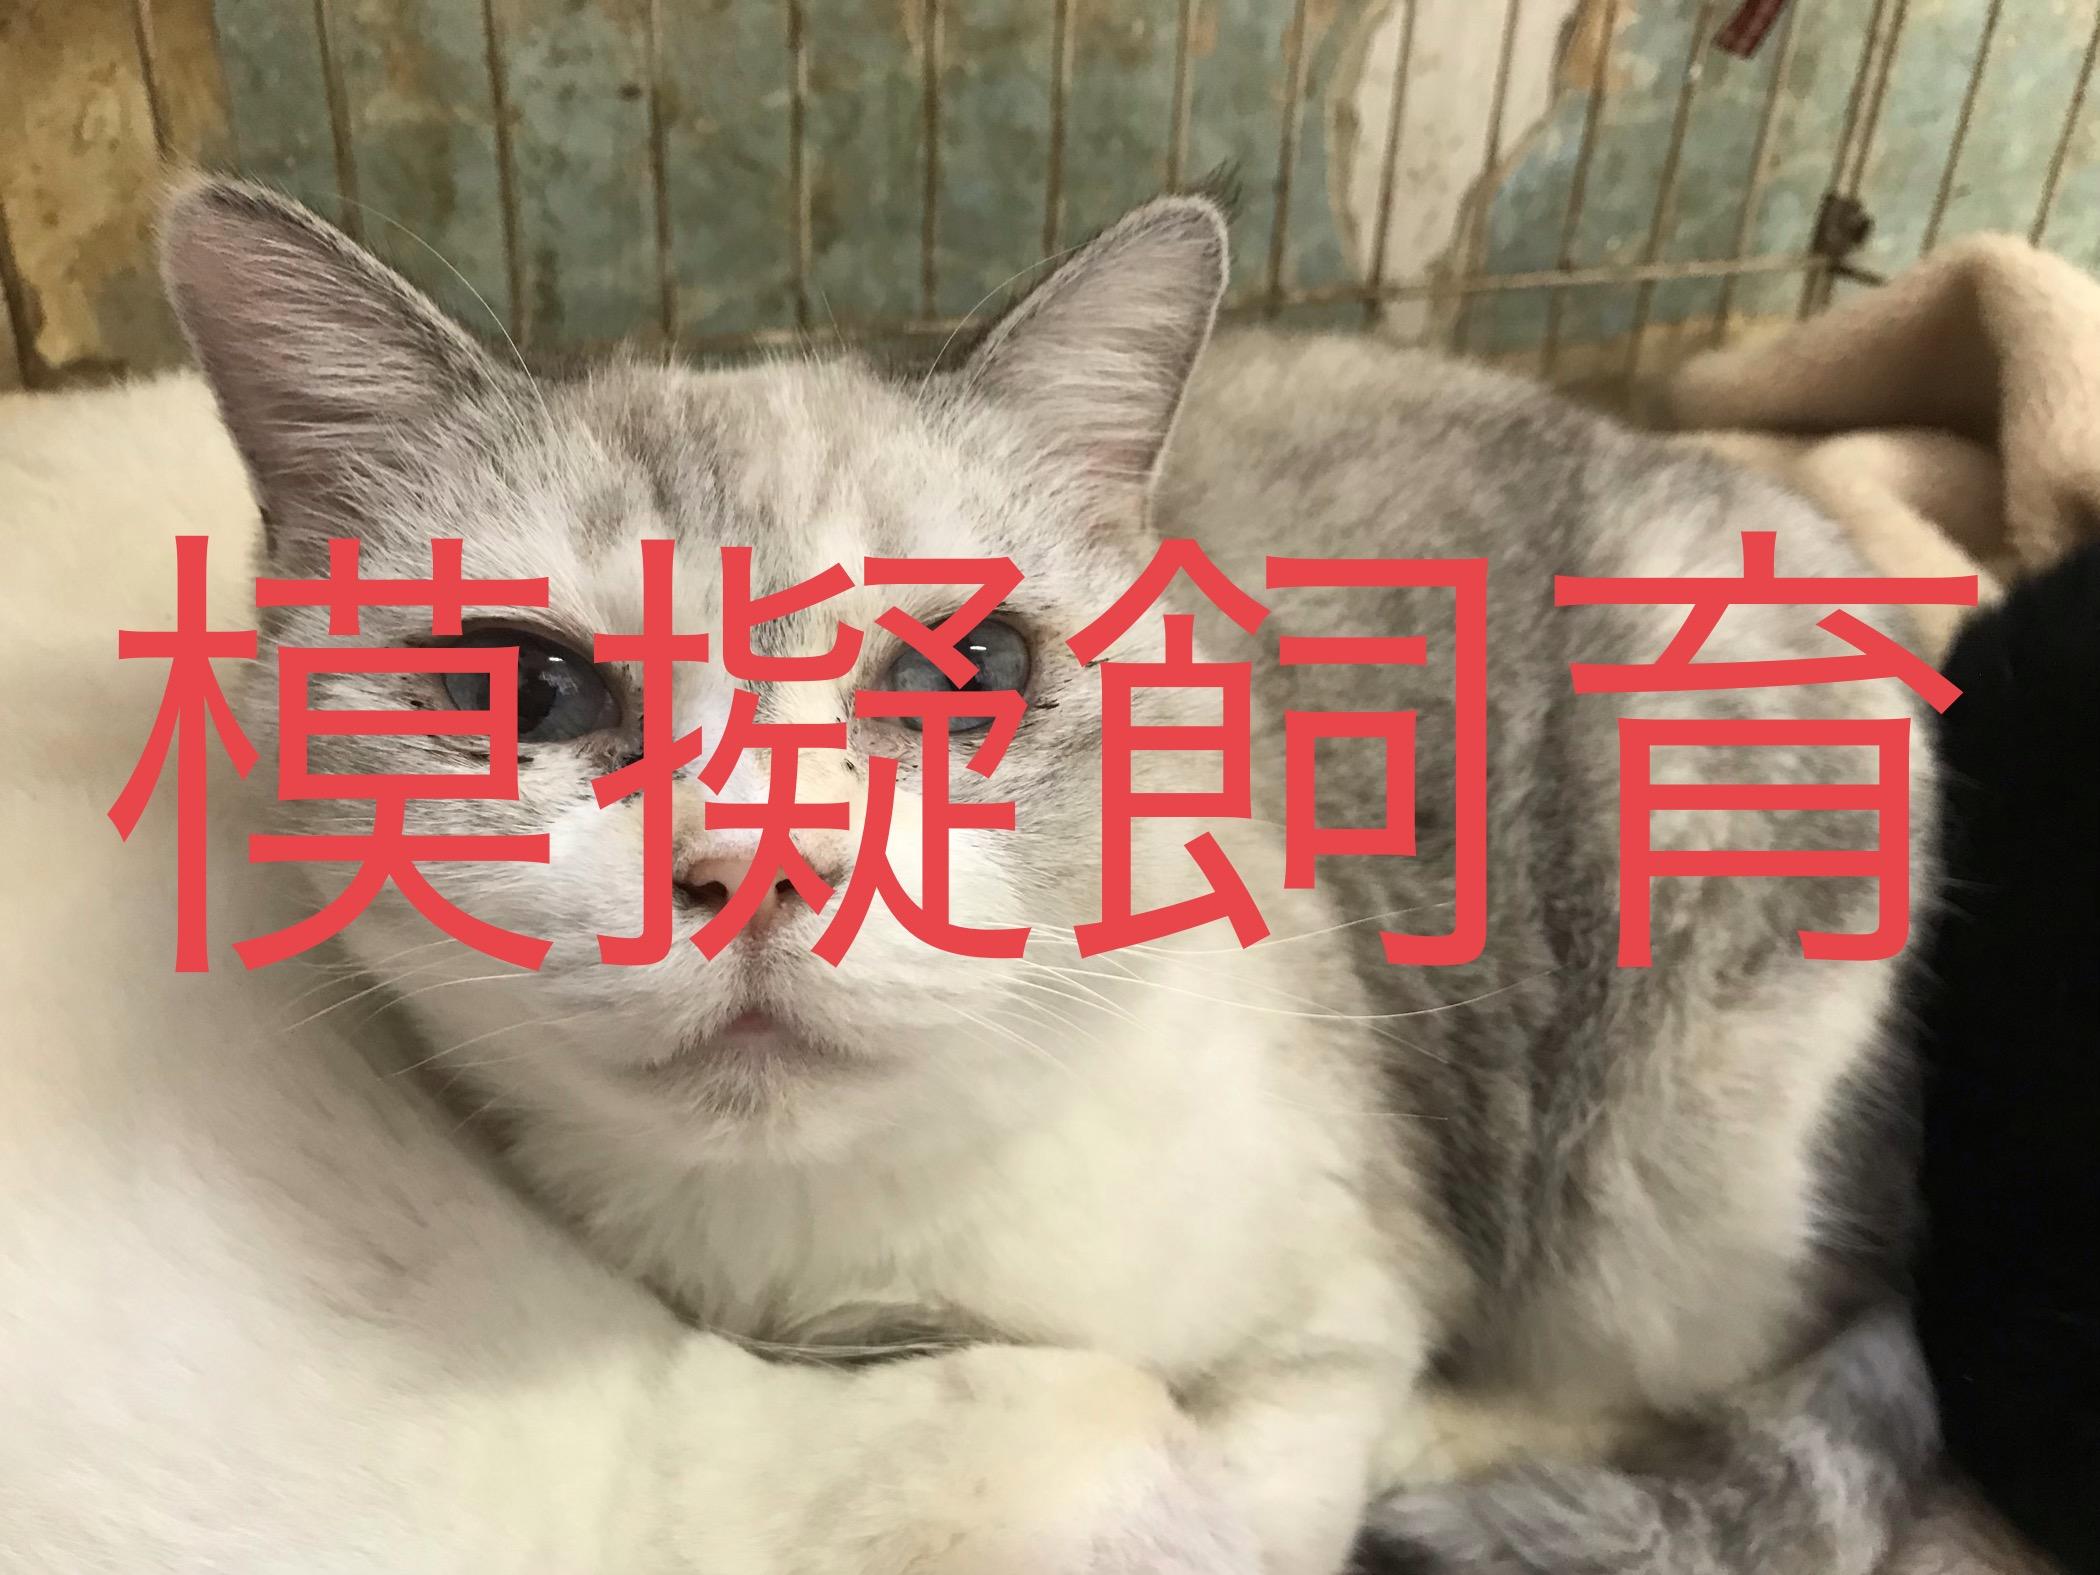 <p></p> <ul> <li>猫種:雑種</li> <li>性別:女の子</li> <li>名前:チロ</li> <li>年齢:H18年5月1日</li> <li>保護経緯:引越しのため飼育困難になりました</li> </ul>